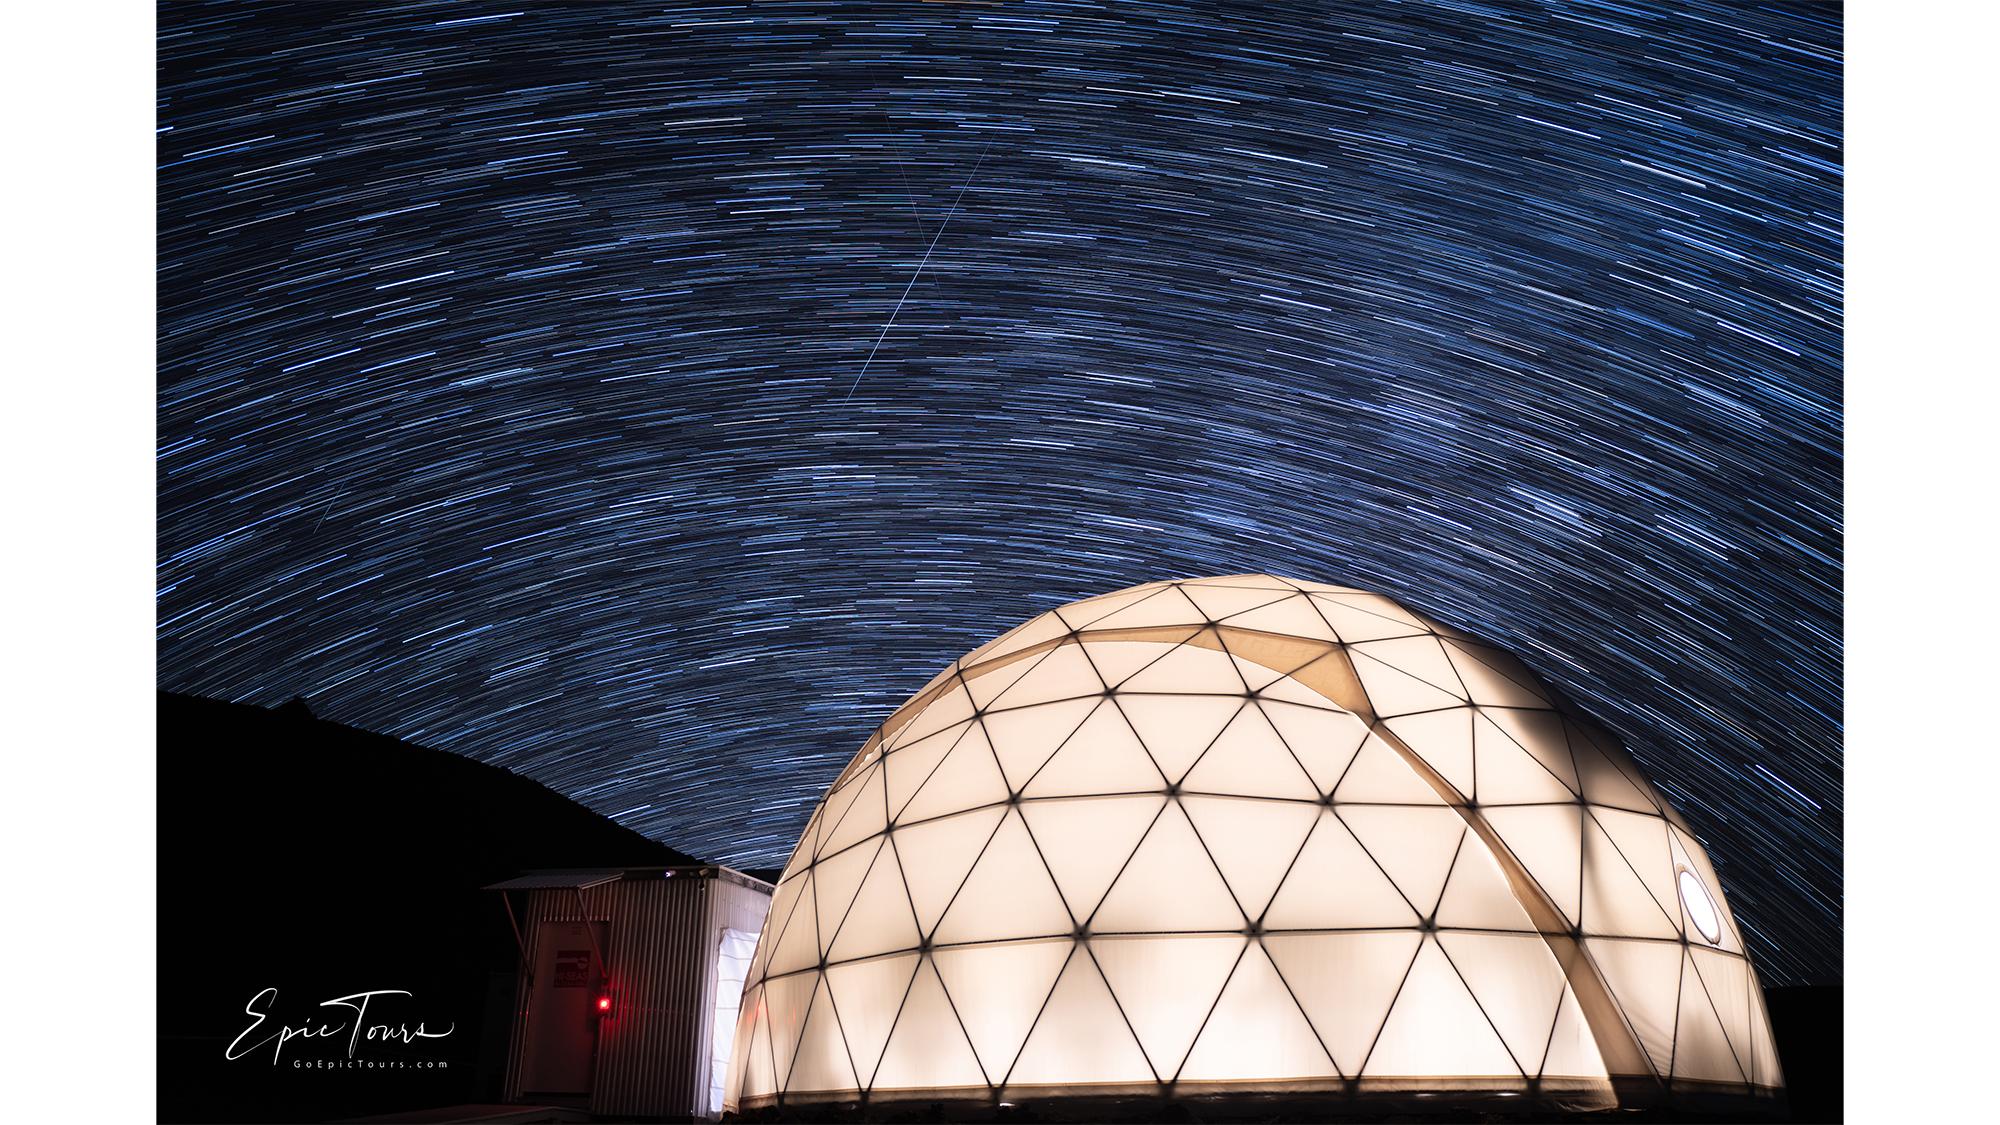 Des traînées d'étoiles et des étoiles filantes illuminent le ciel nocturne au-dessus de l'habitat HI-SEAS.